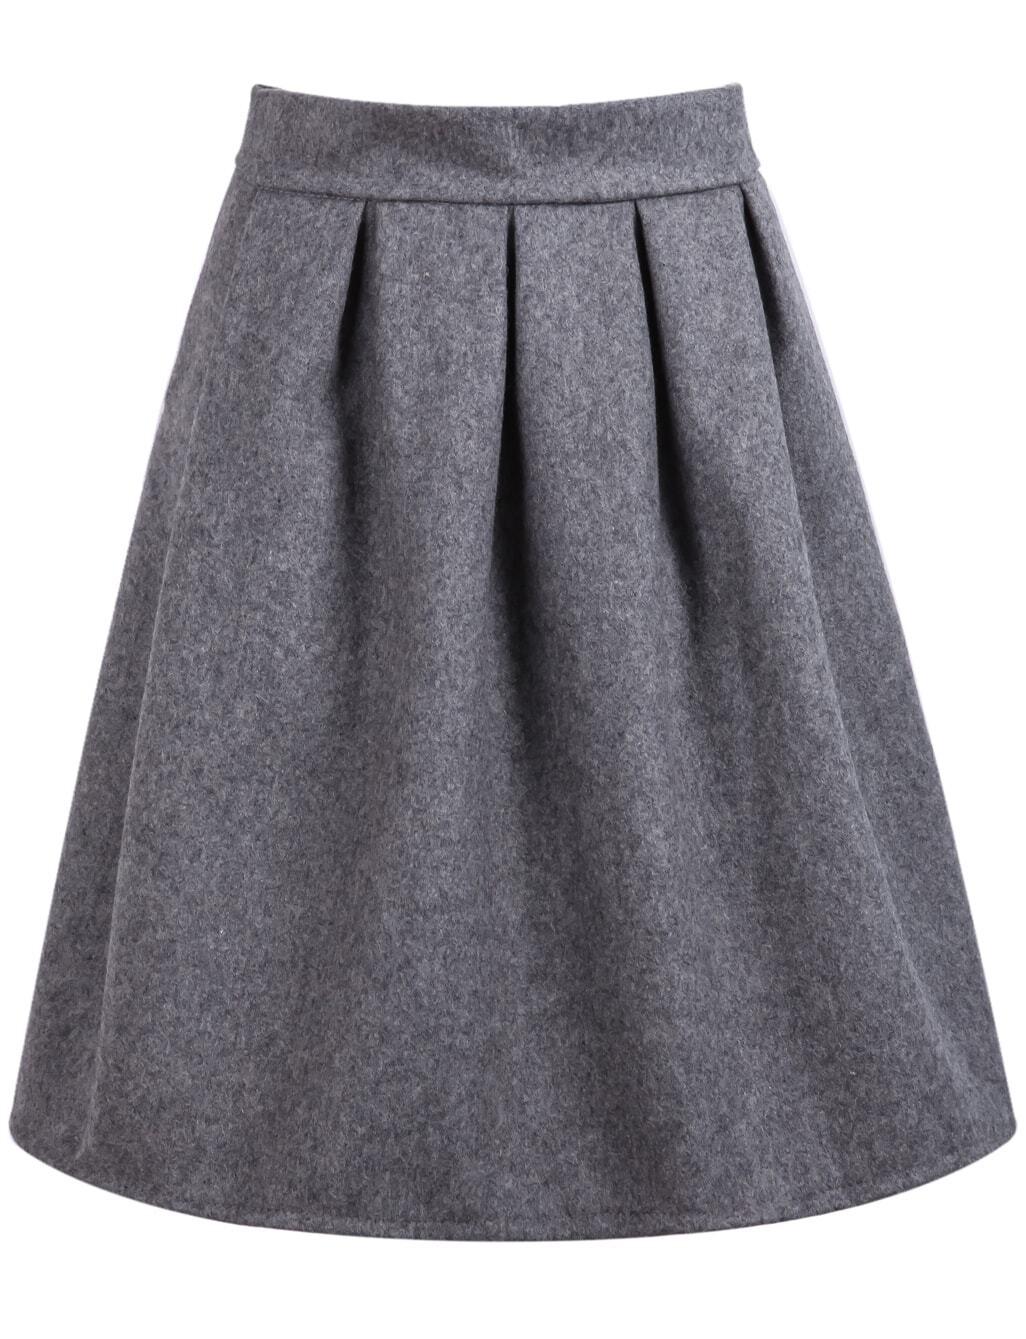 Plus Size Short Dresses